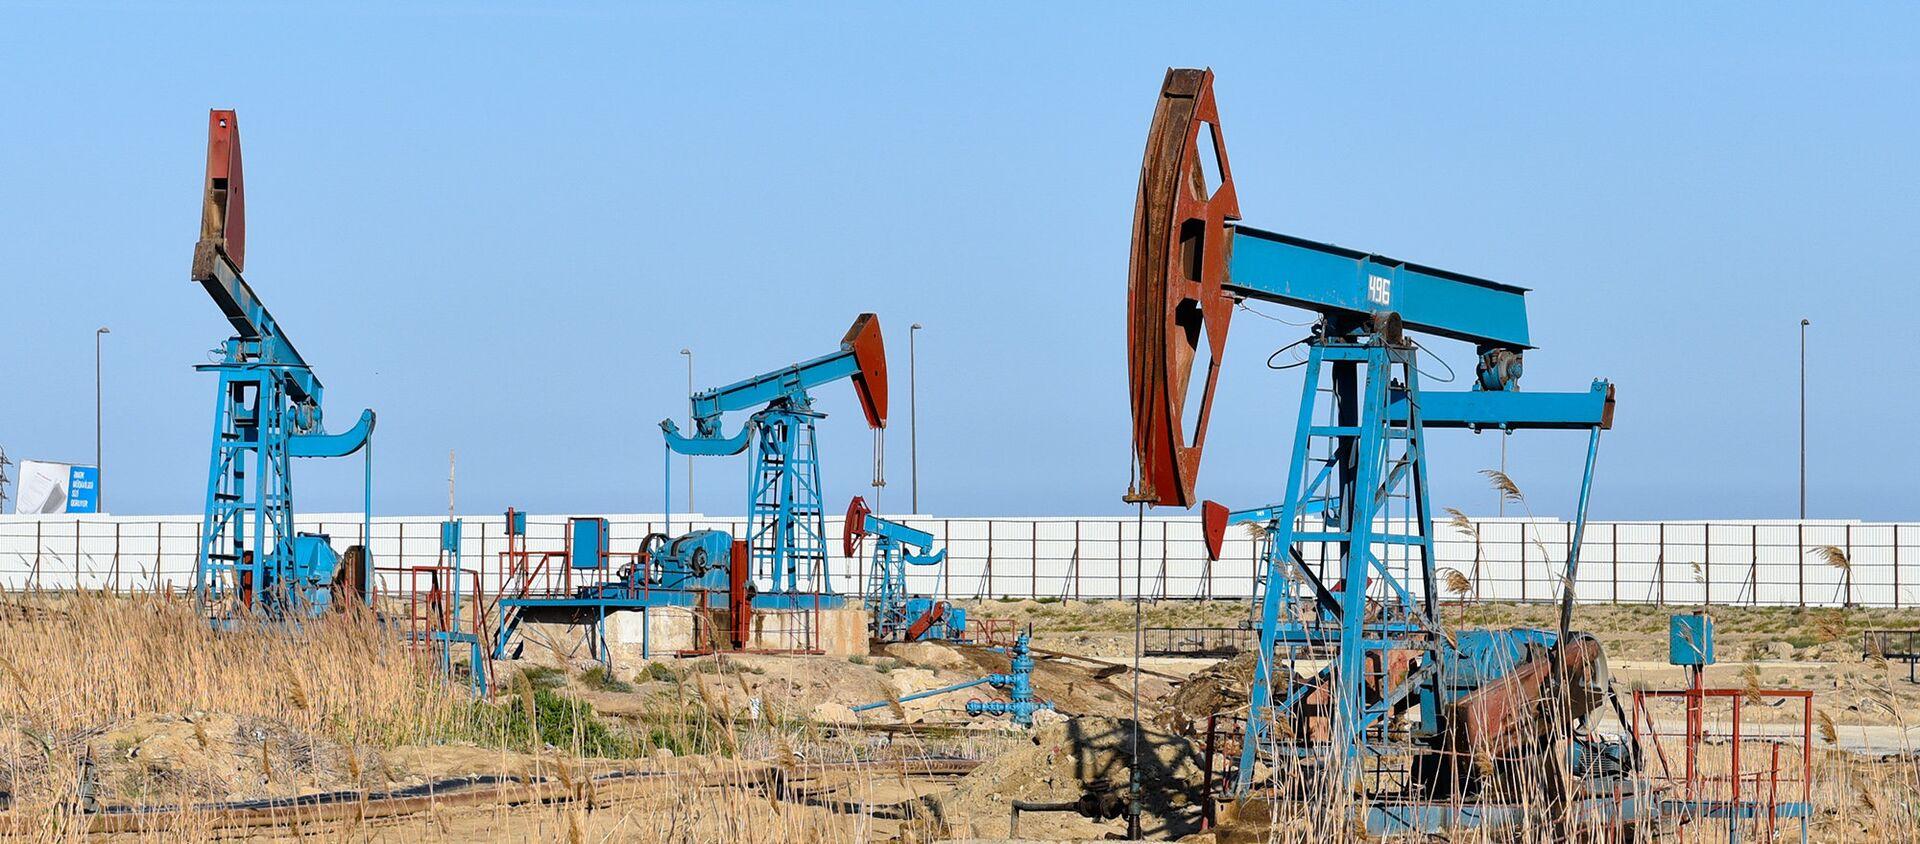 Нефтяные насосы в Баку - Sputnik Азербайджан, 1920, 05.11.2020